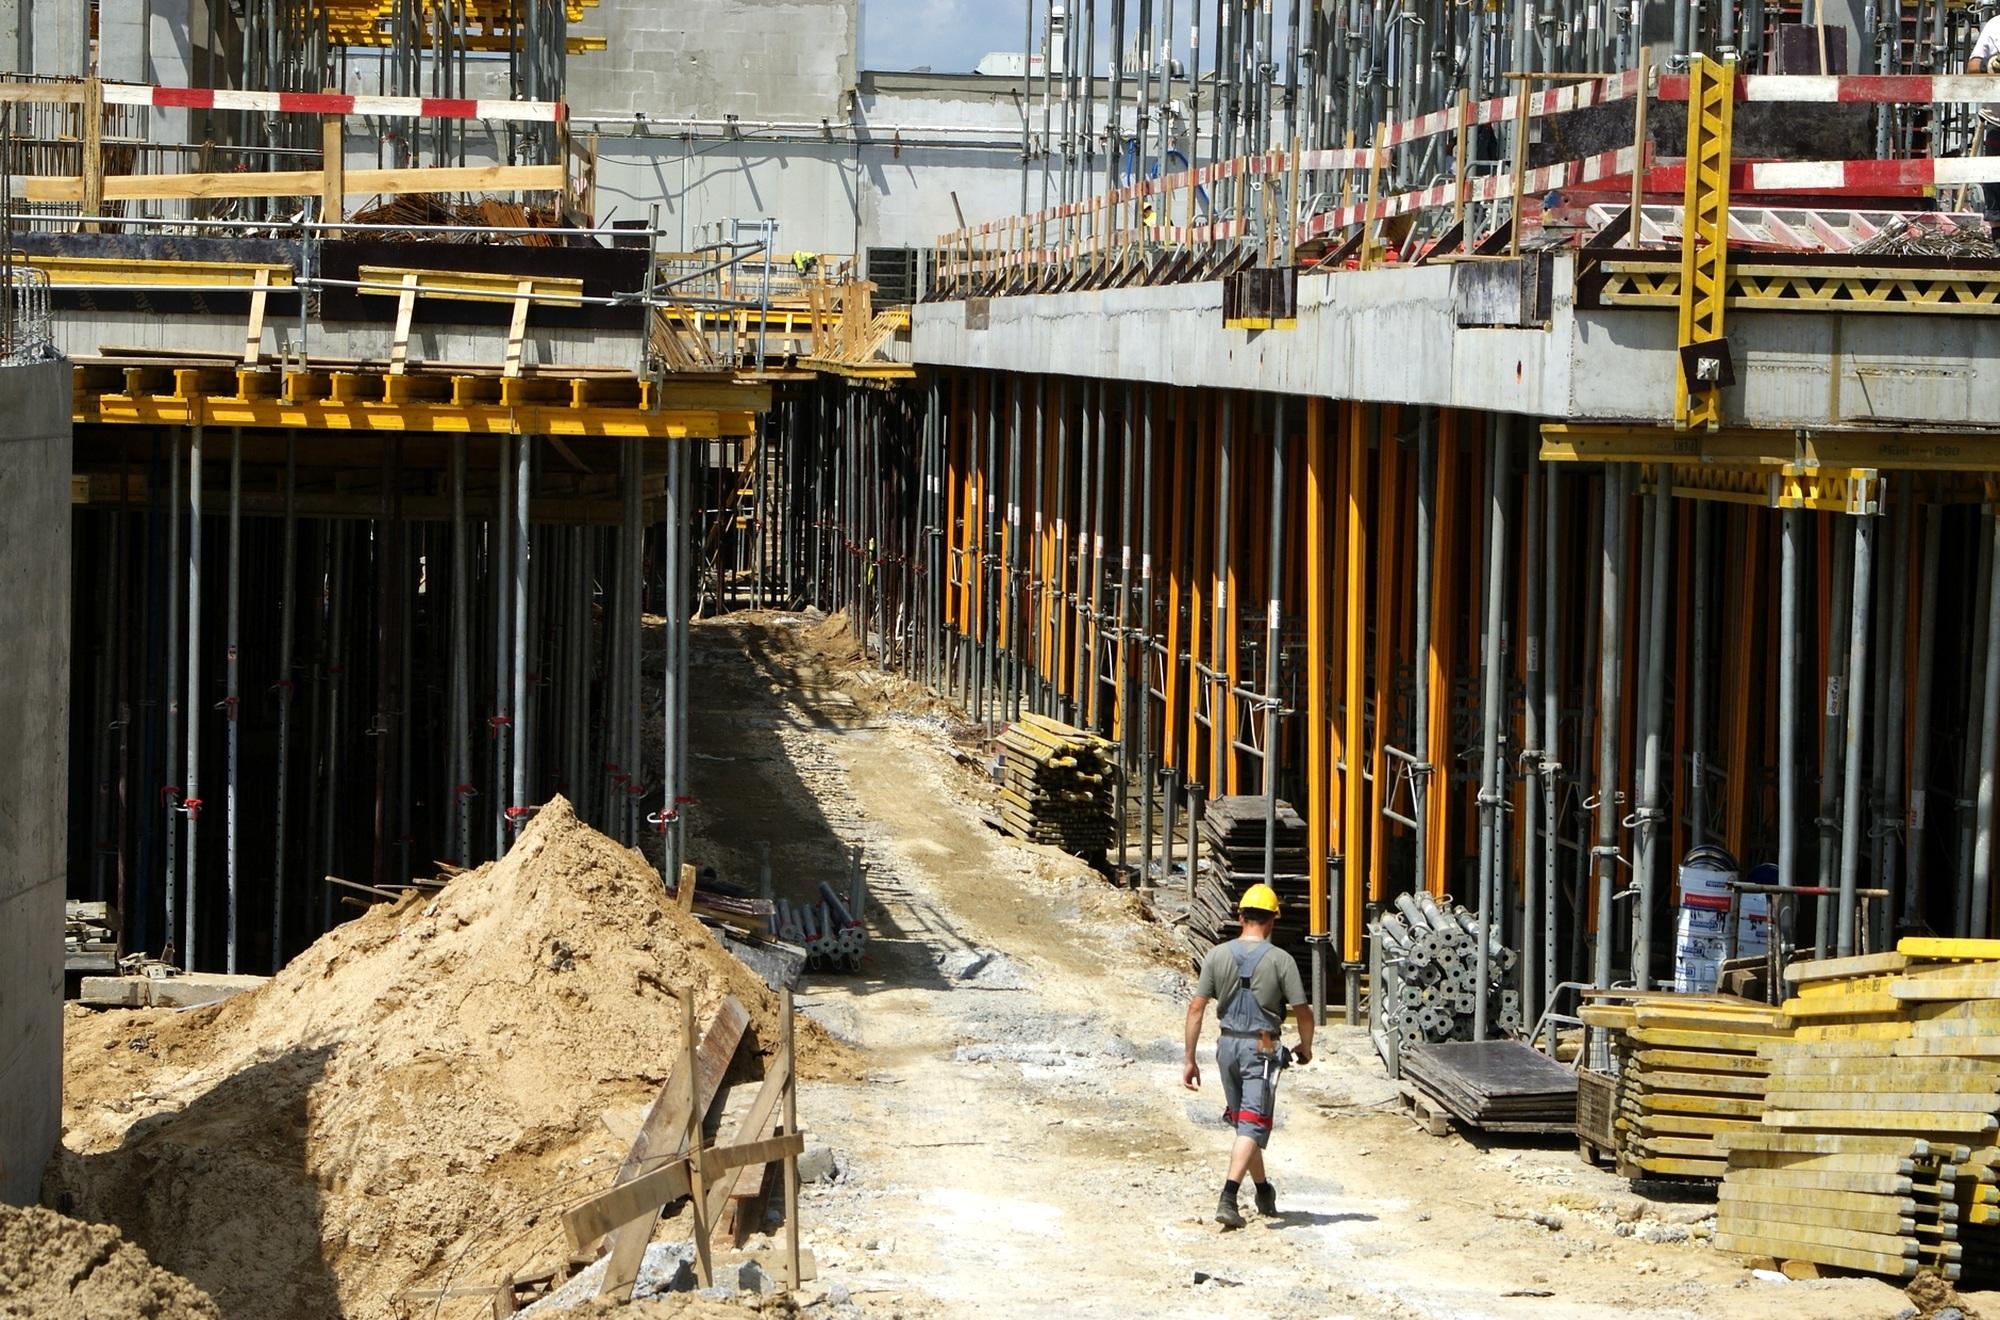 Images gratuites architecture bois b timent transport for Livres architecture batiment construction